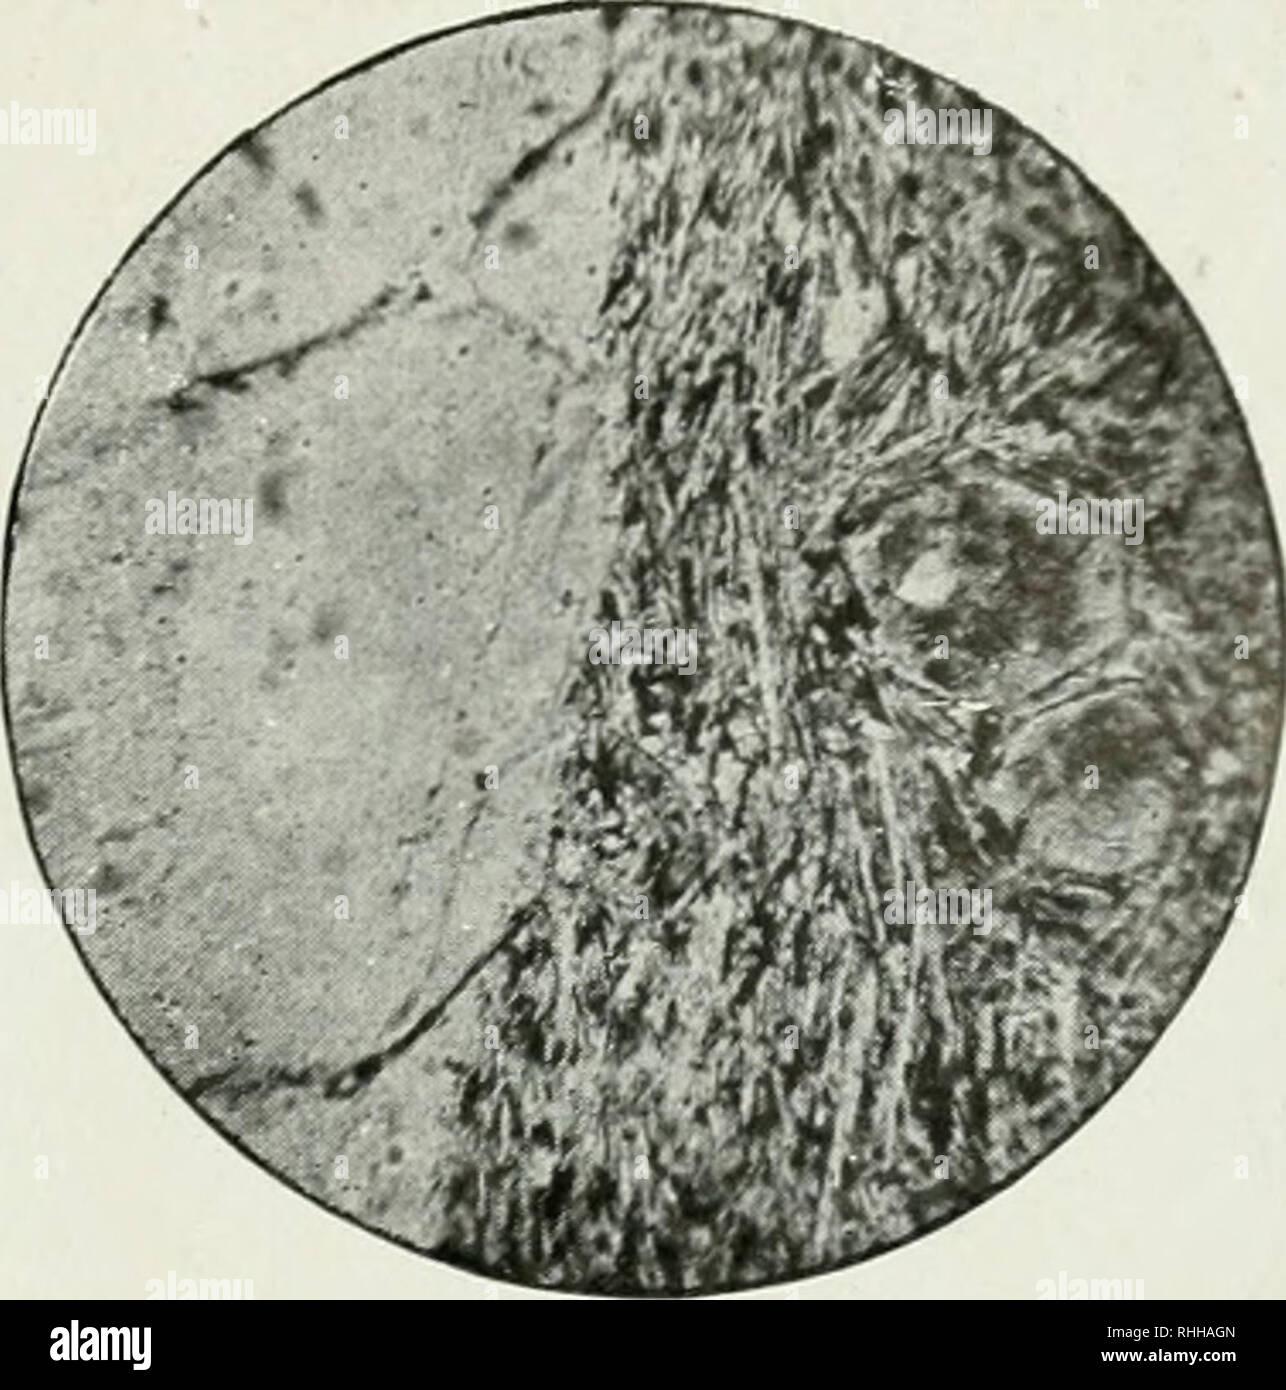 42c2a2d1ef2 59 de nefeltiia Agregados cristalinos. Ou em haiujna Xoseana cris- tais  alterados e com pequena frequência. Raros cristais incompletos de titanita